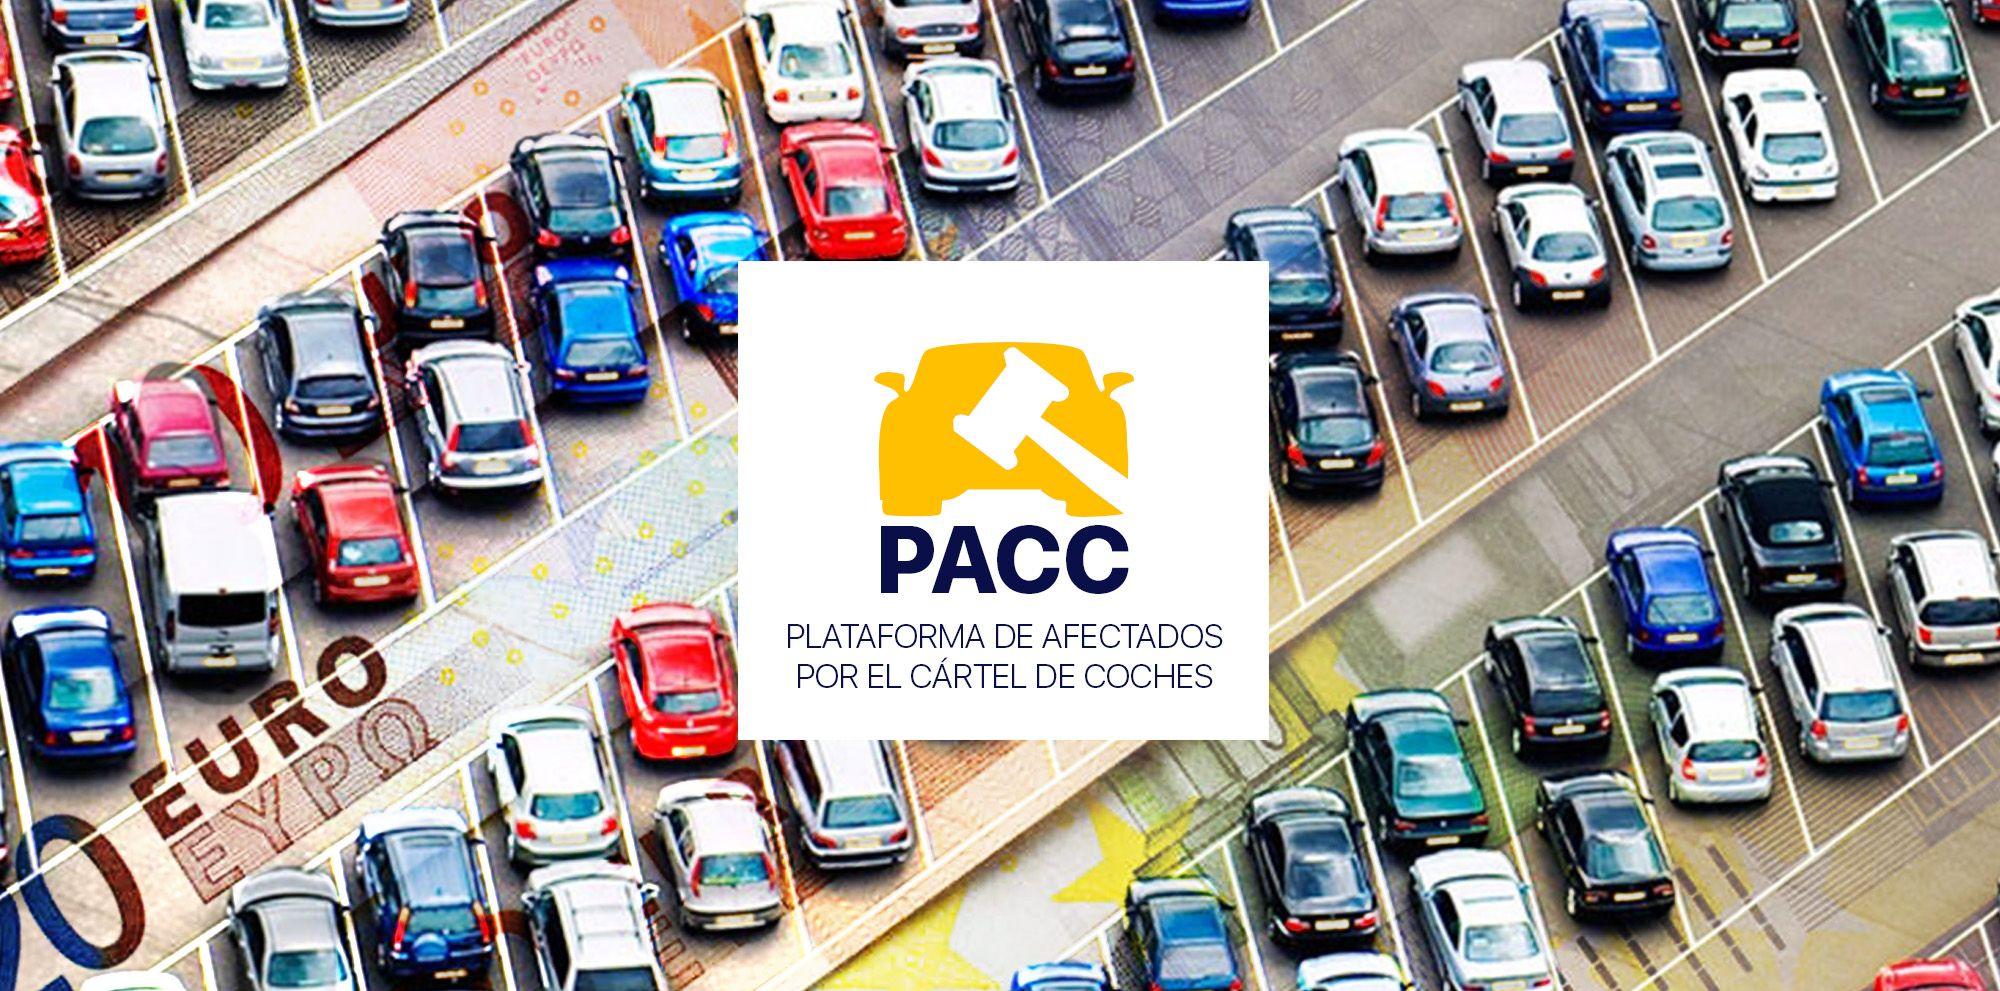 PACC - Plataforma de Afectados por el Cártel de Coches